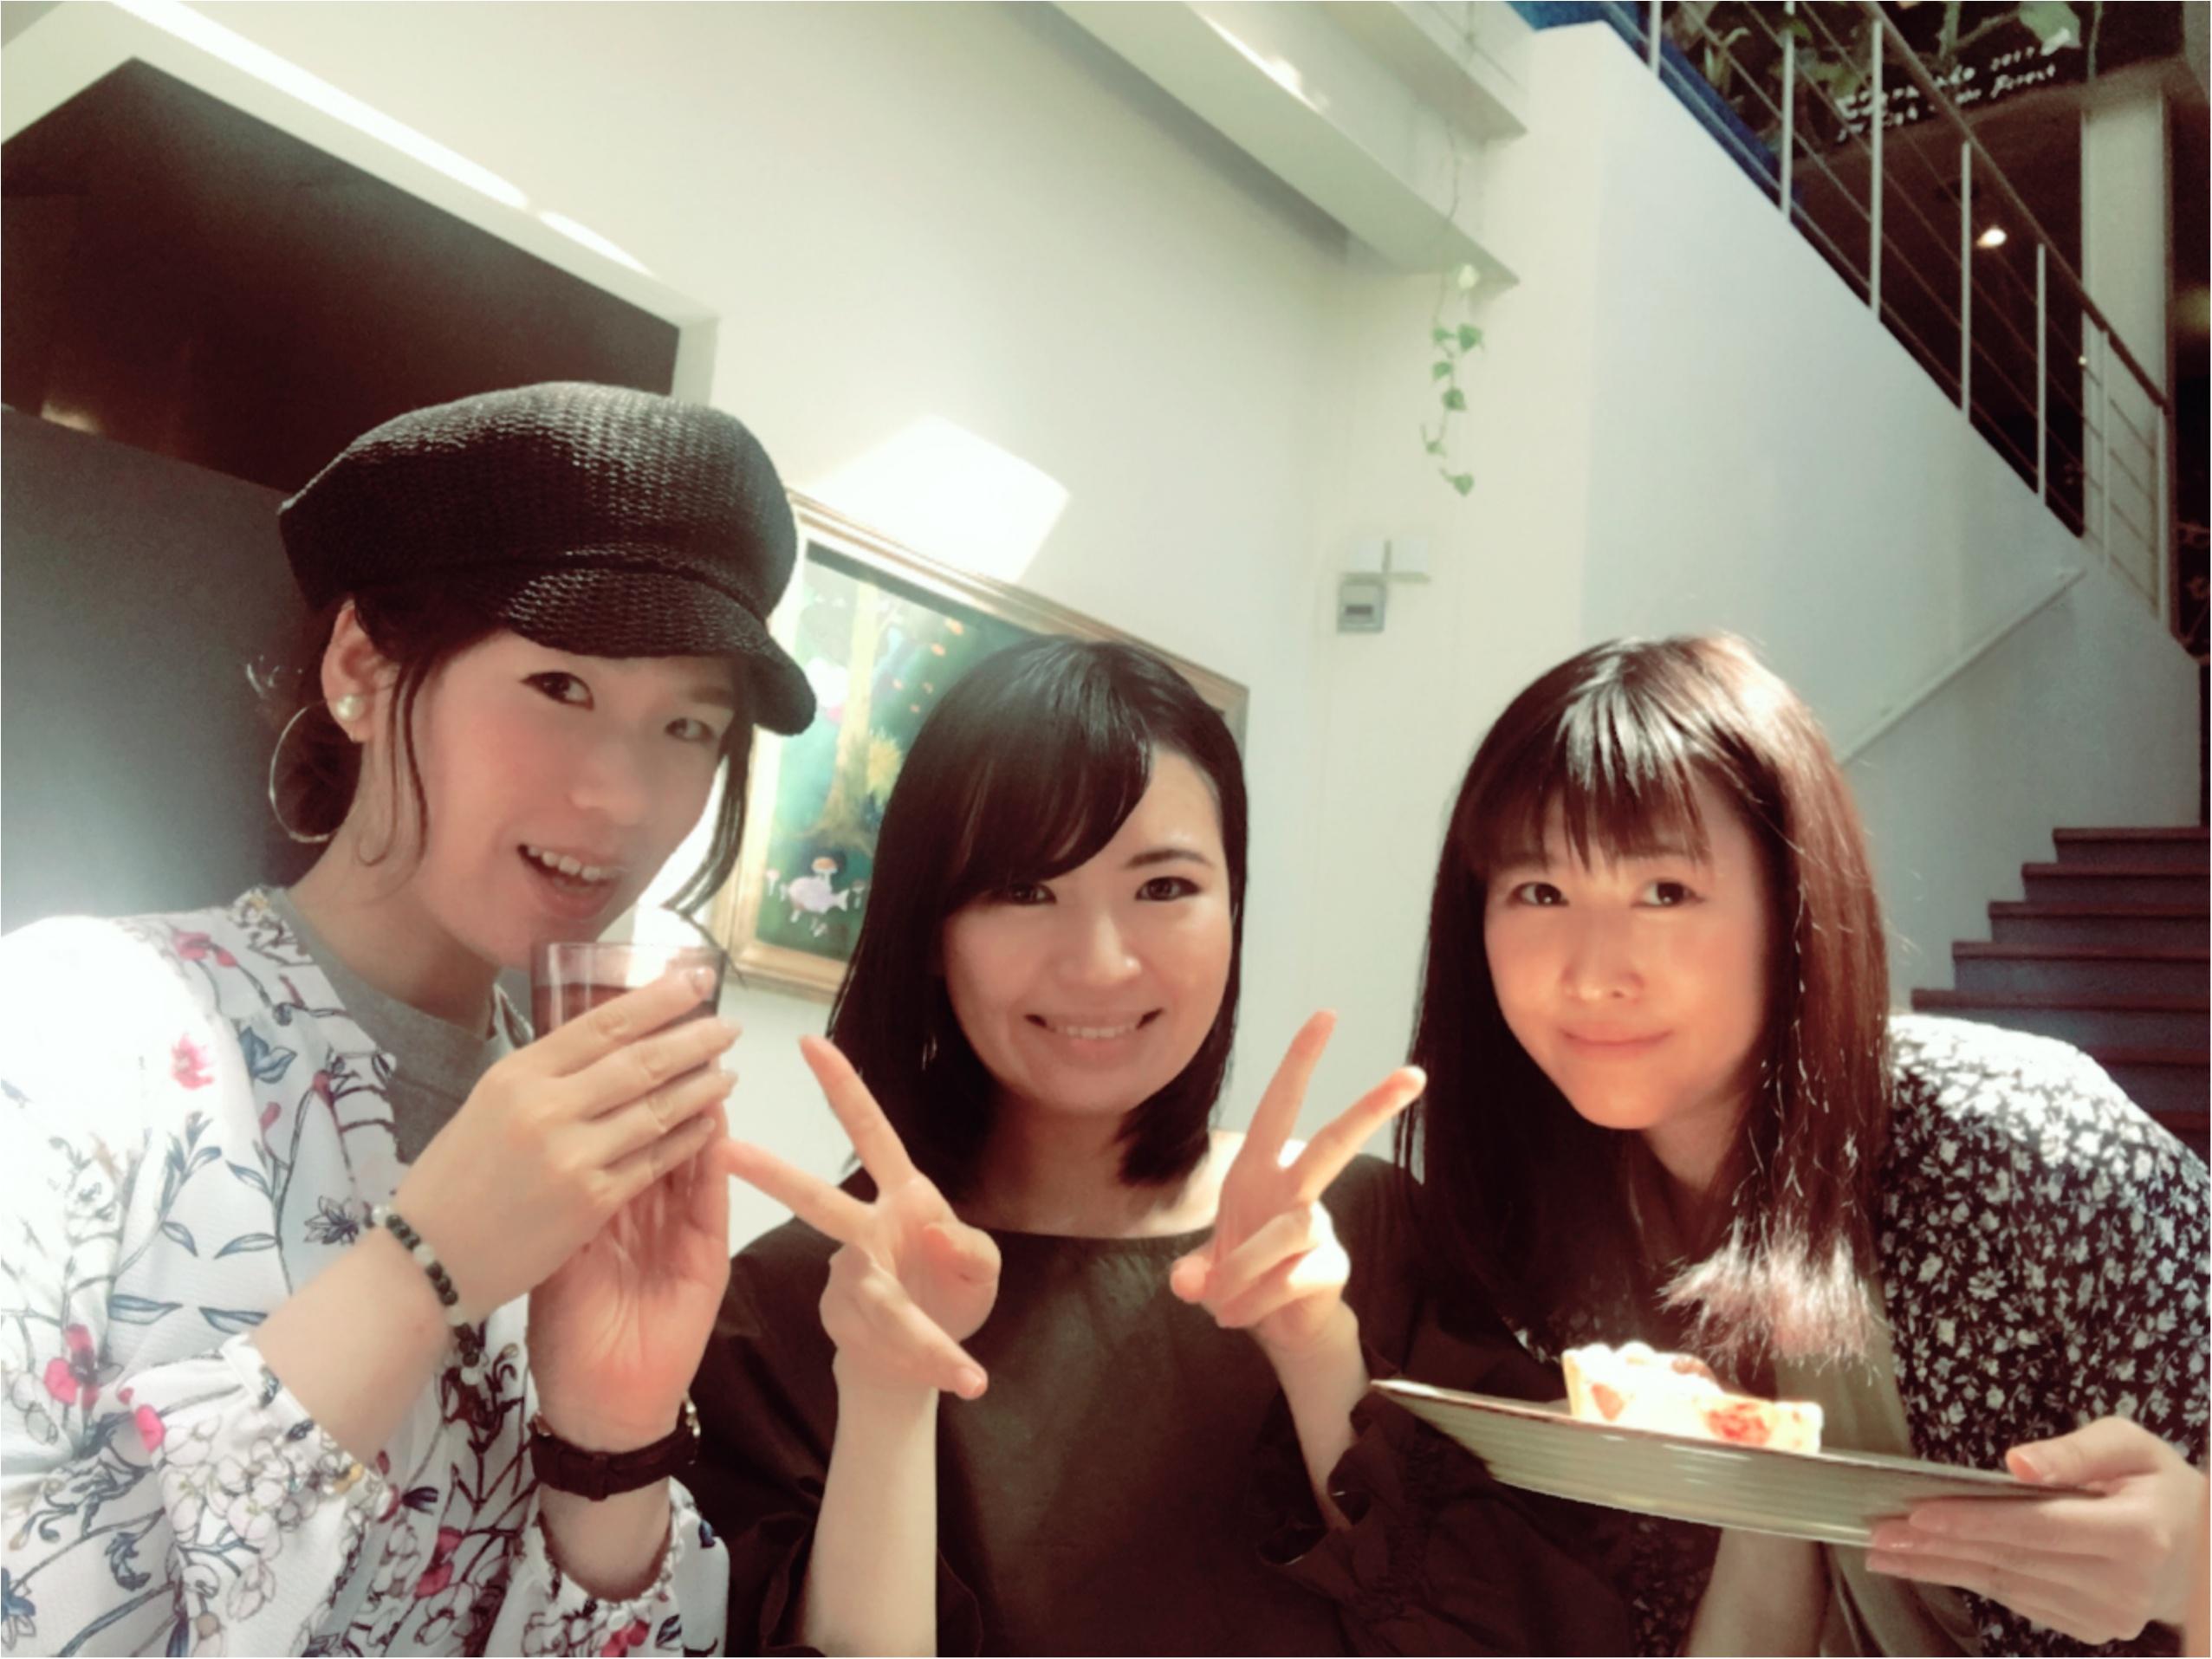 神戸★みそさんぽ-メリケンパークに新スポット続々!地元に愛されたcafe Fish!がリニューアル-_1